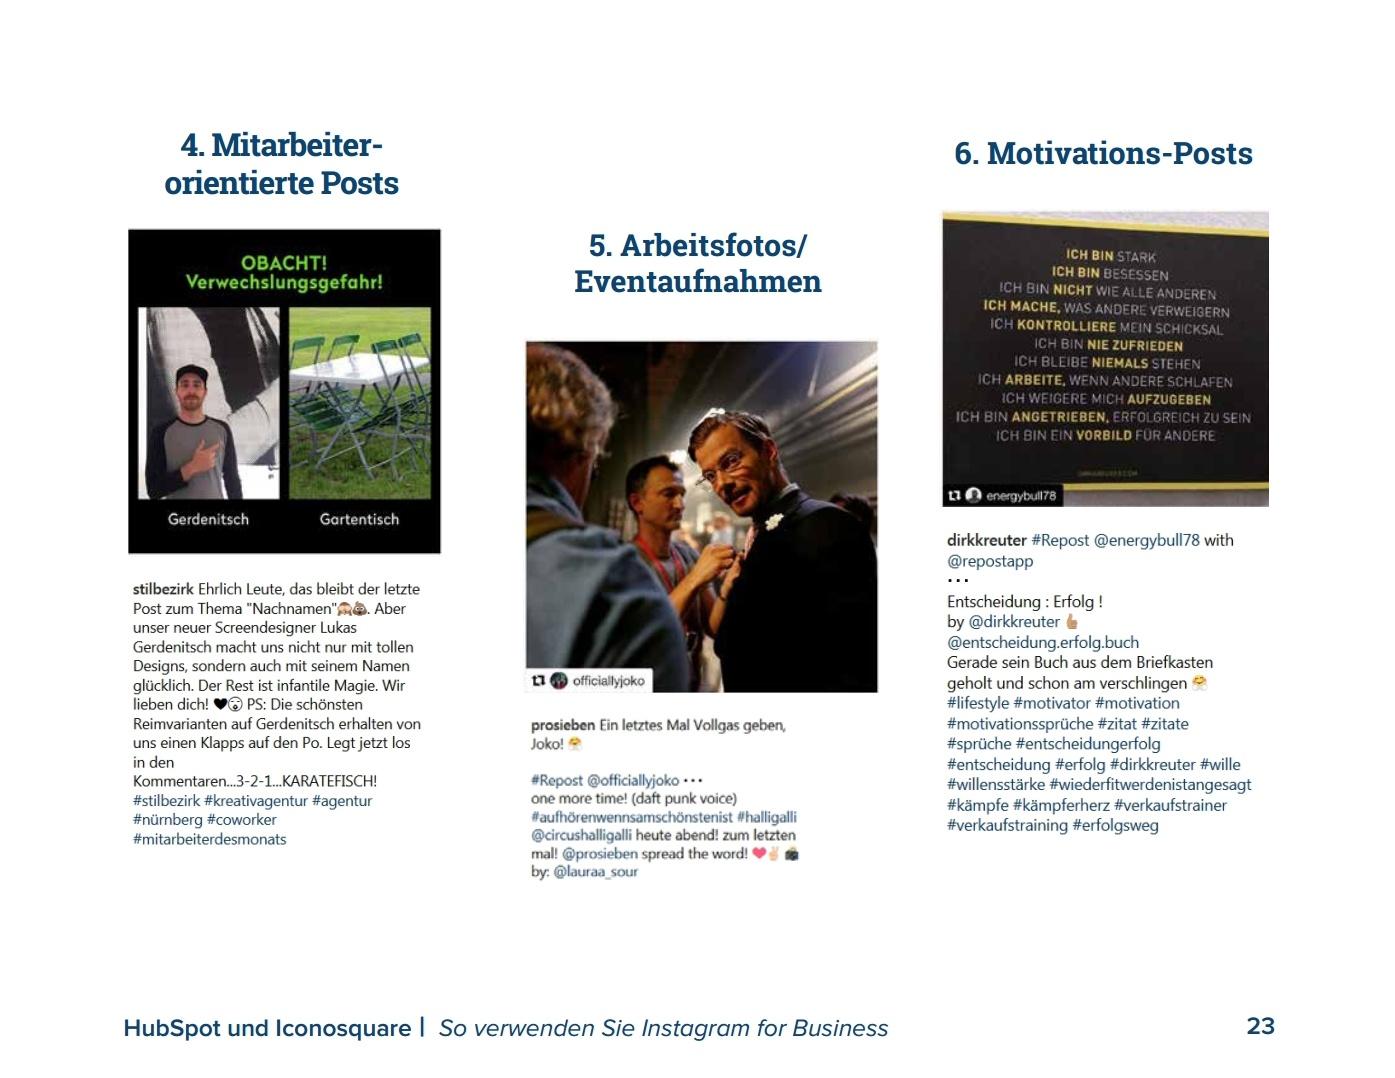 Großartig Erfolg Zitate Für Lebensläufe Ideen - Entry Level Resume ...